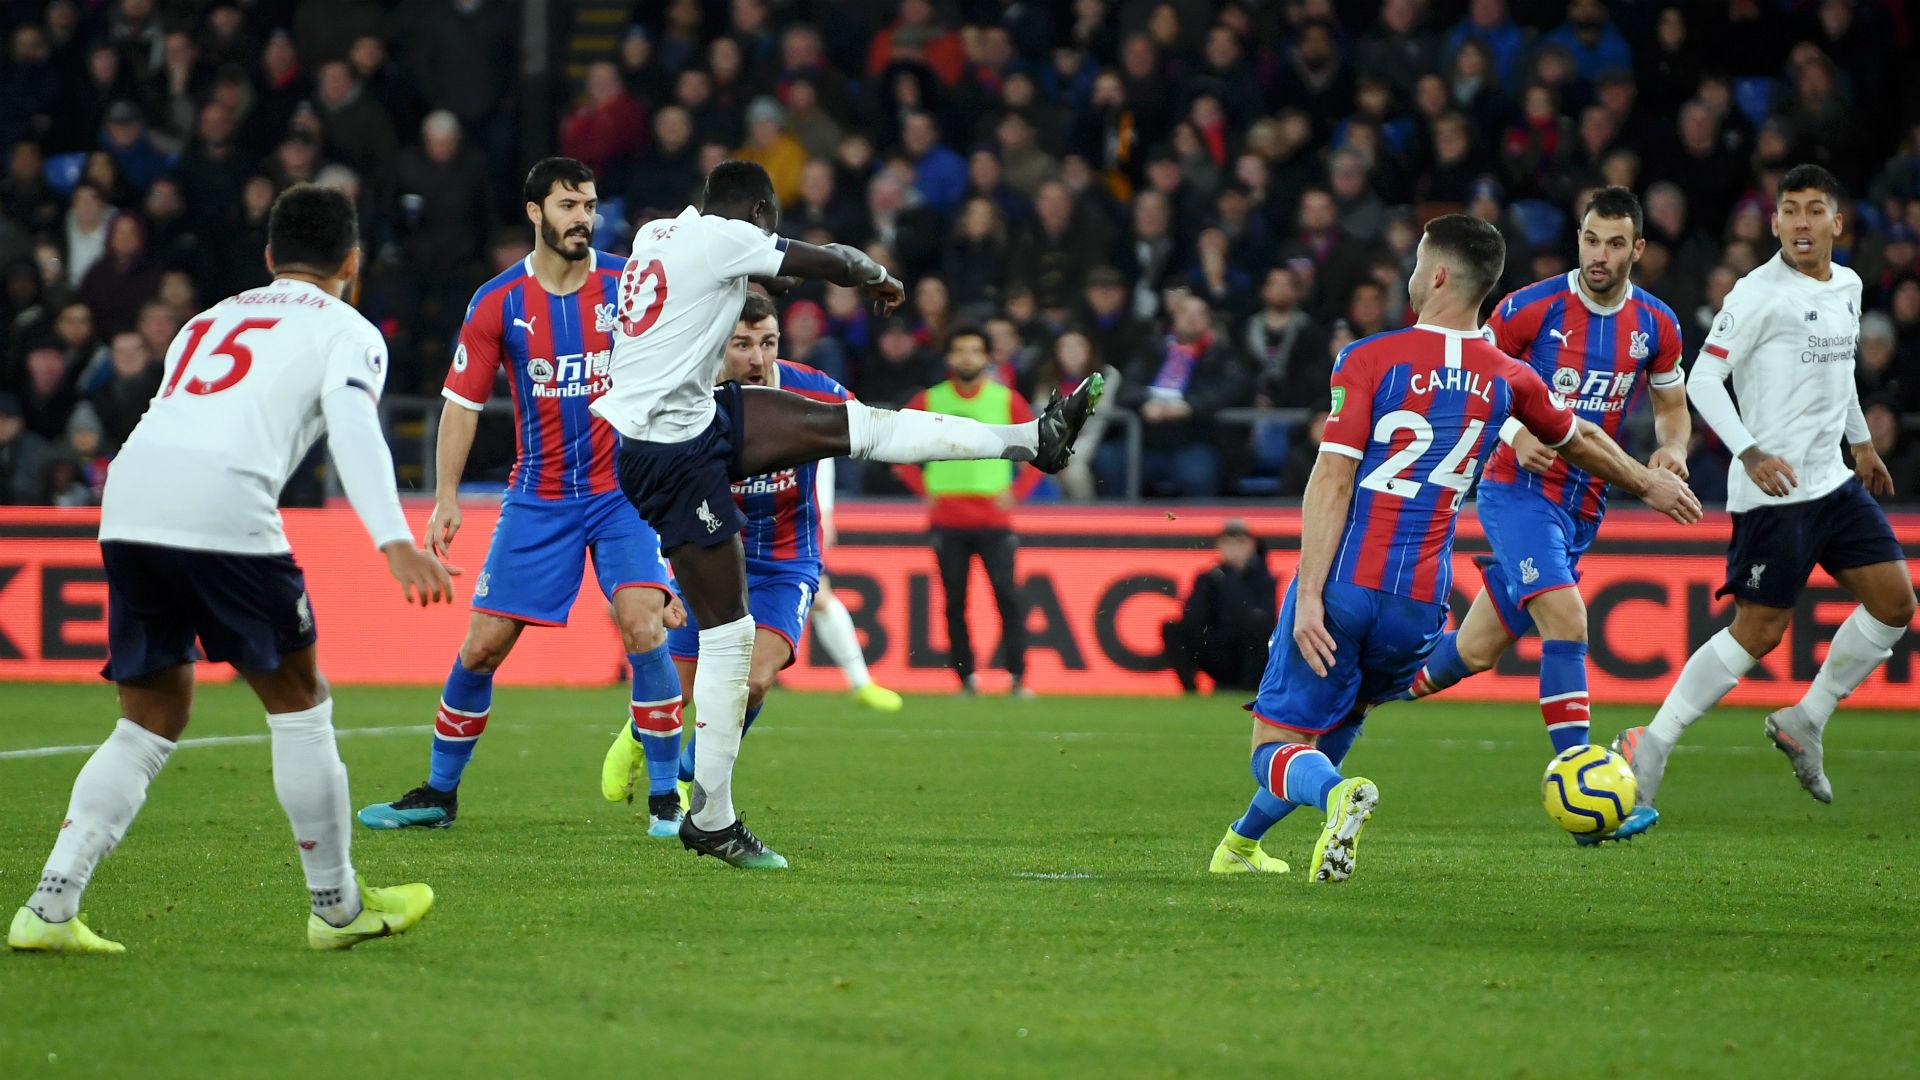 Befason Crystal Palace, paguan 25 milion euro për talentin e Liverpool